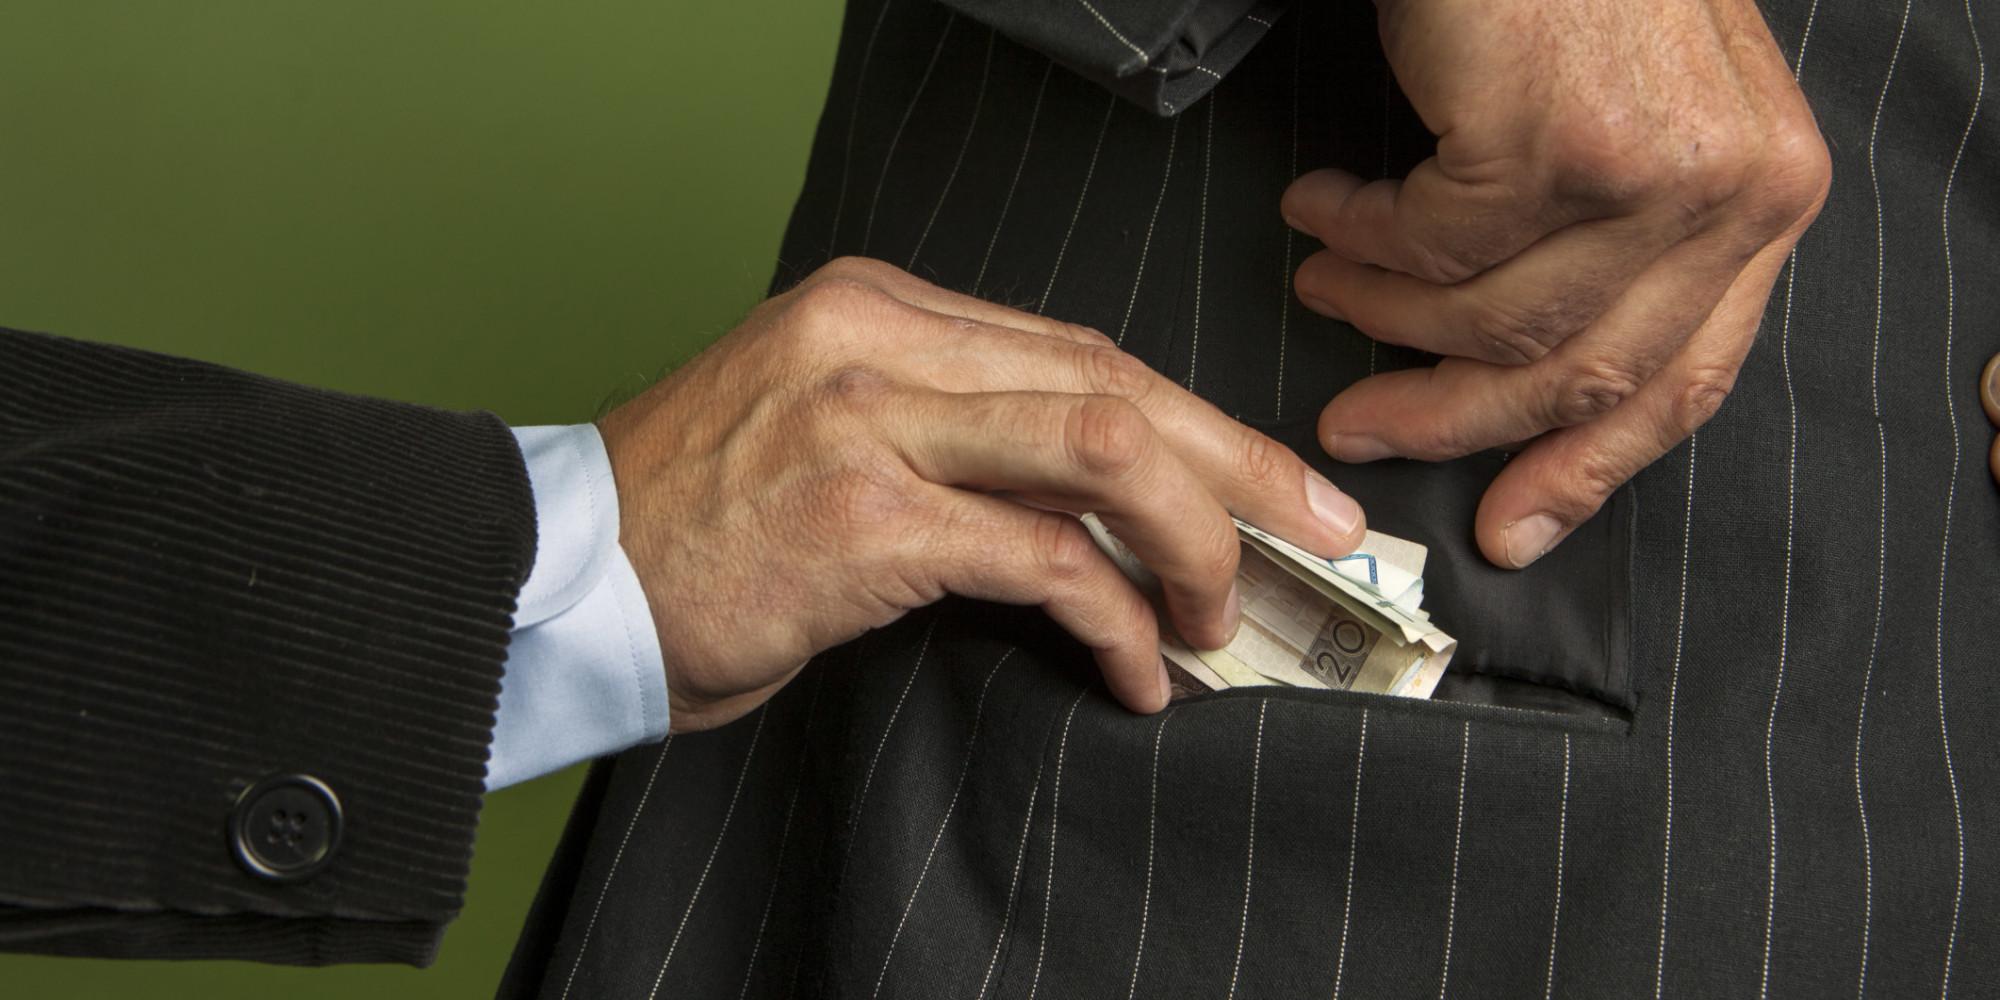 Marchettificio Viterbo: corruzione, conflitti di interesse giganteschi, affari sporchi, patti elettorali al ribasso, viaggio nel malaffare dilagante